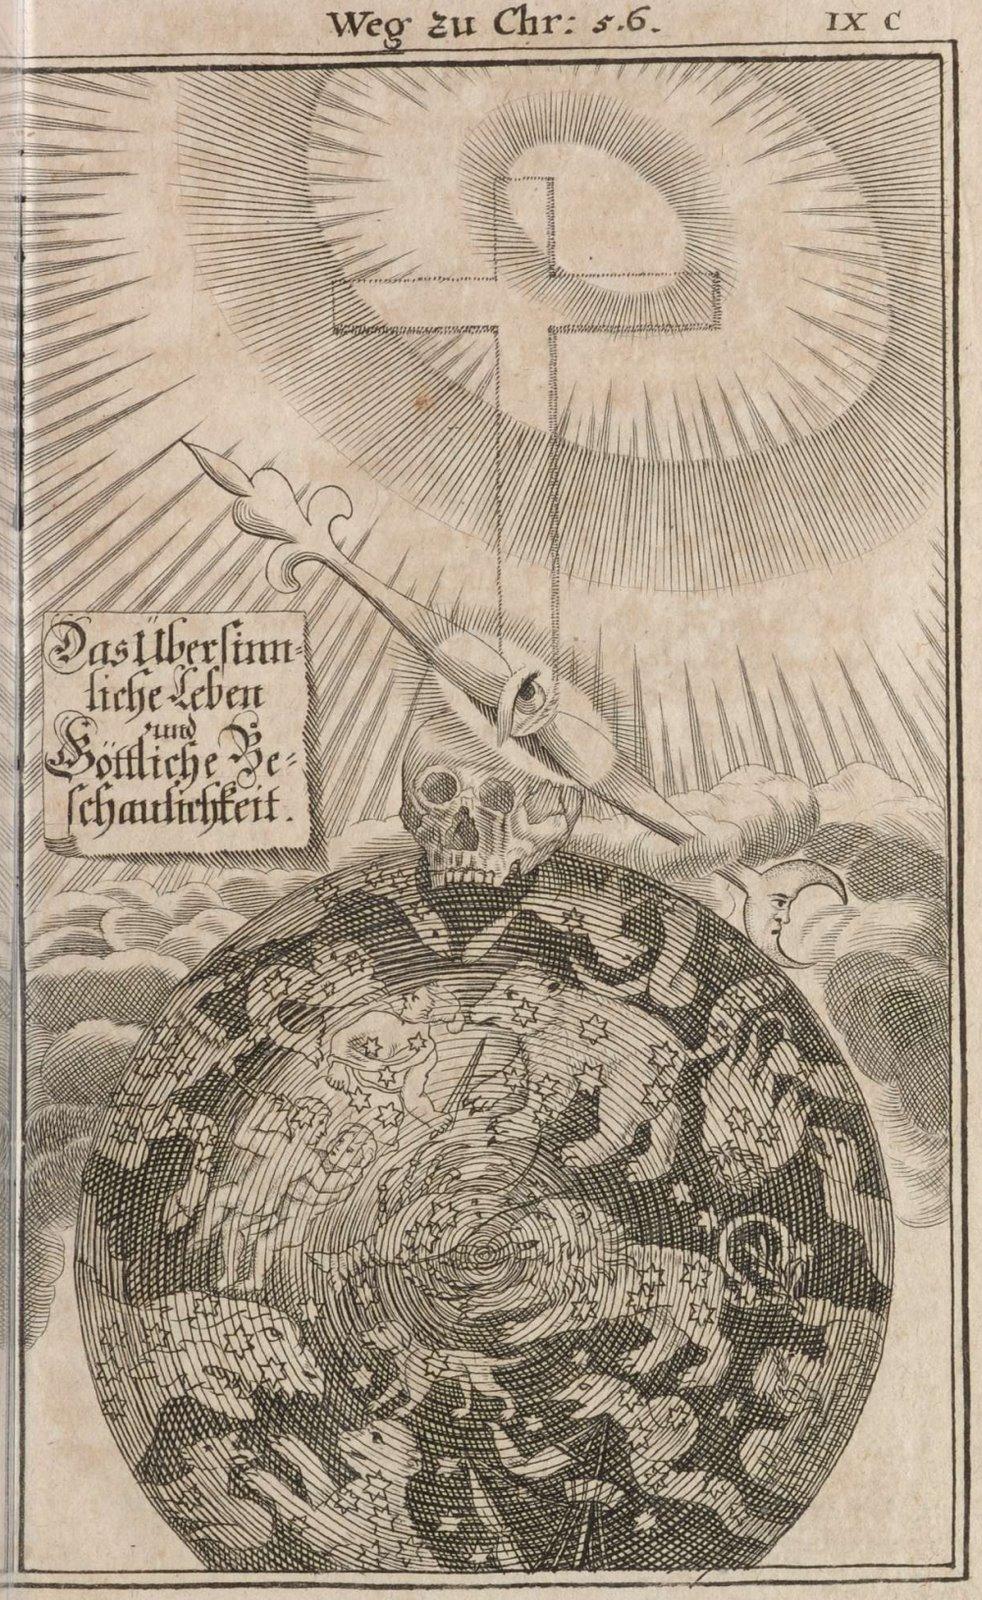 [Jakob+Böhme+Weg+Zu+Chr+a.jpg]